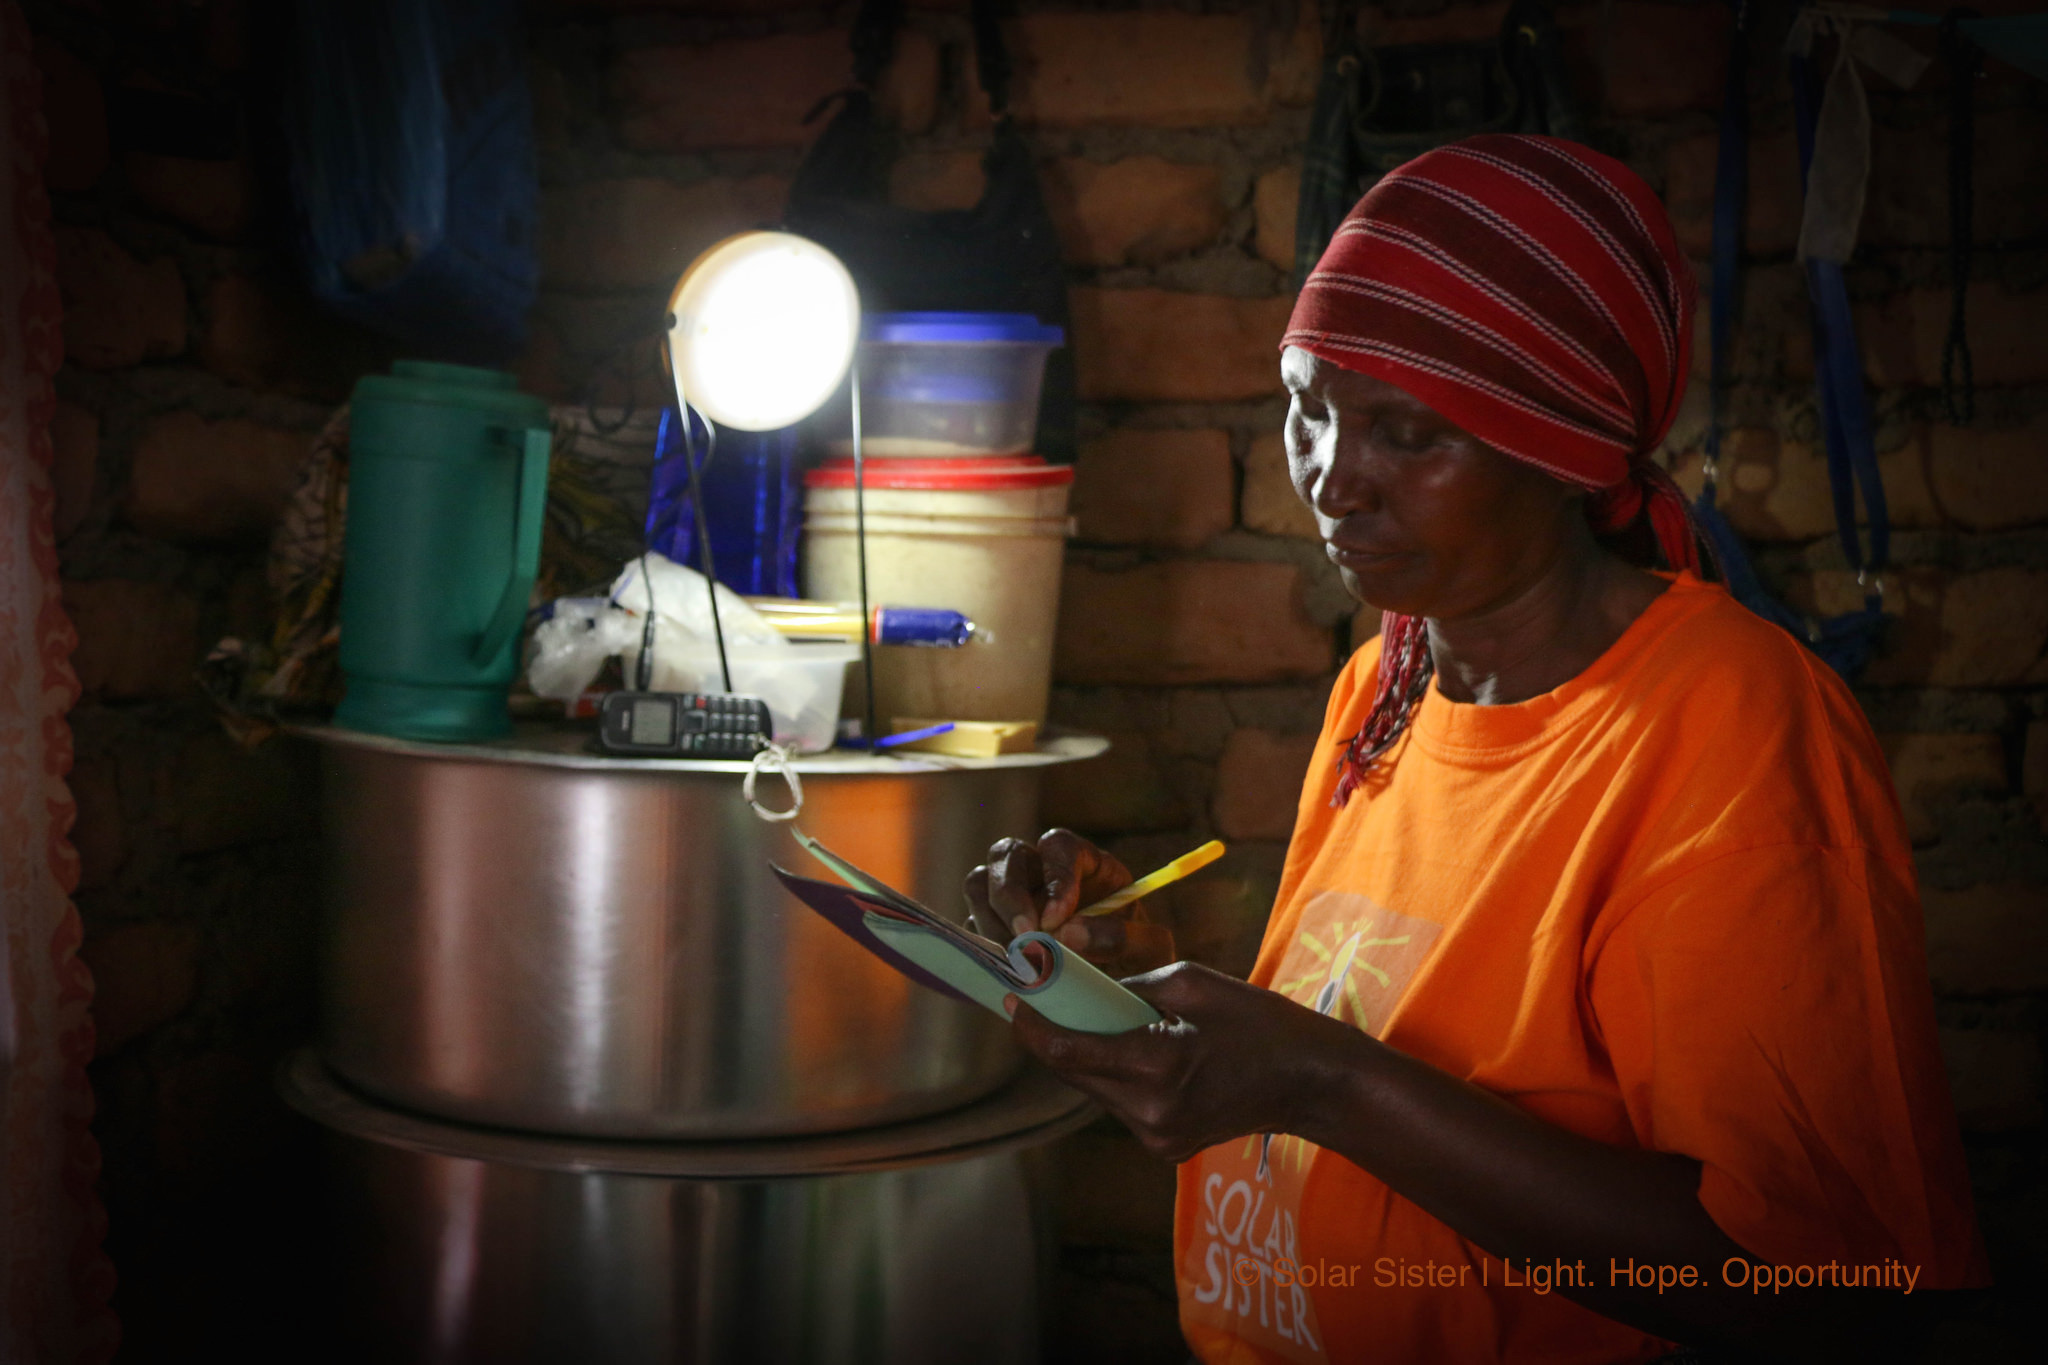 transizione energetica solar sister